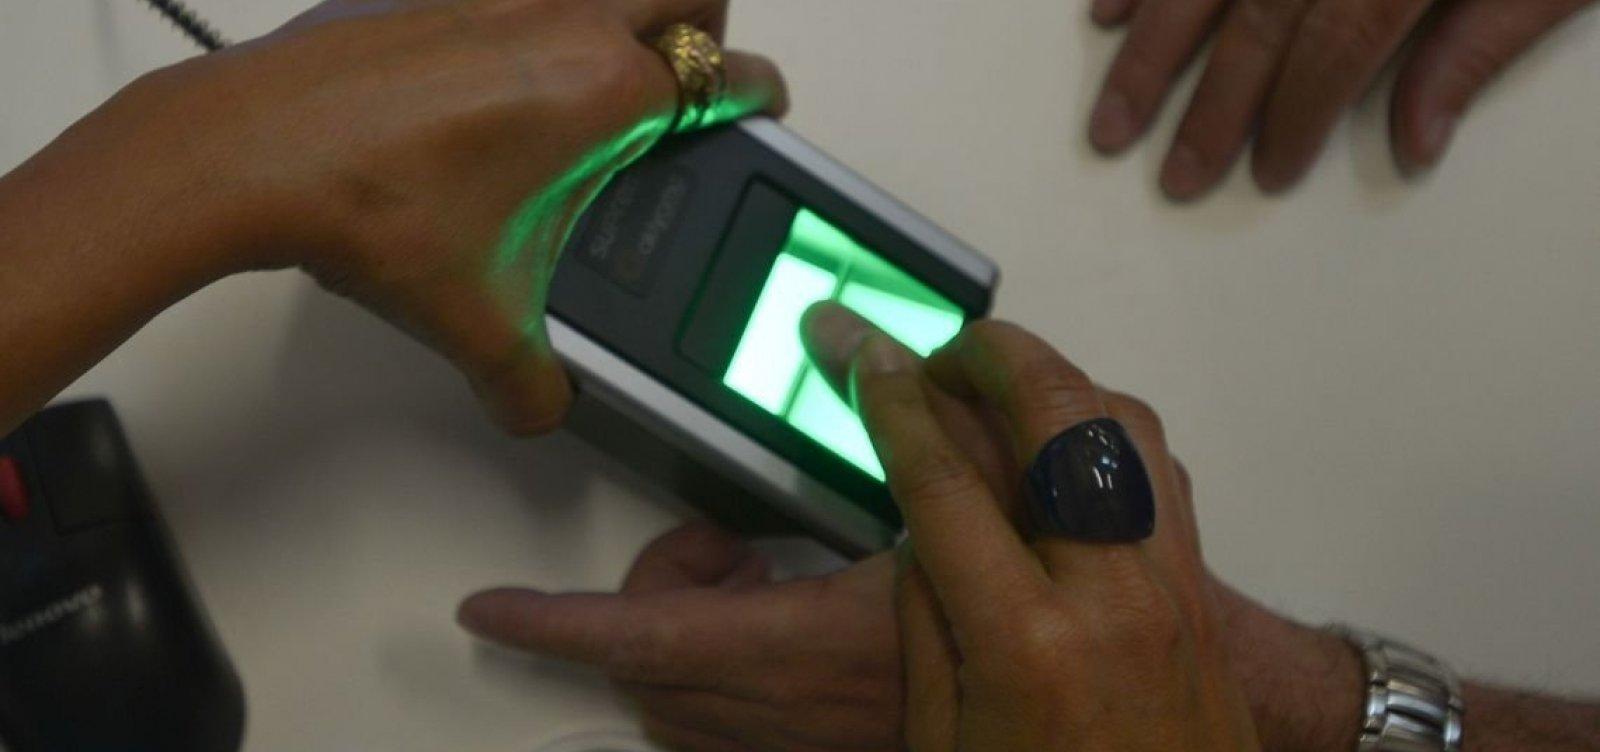 Recadastramento biométrico em 242 municípios segue até 18 de fevereiro